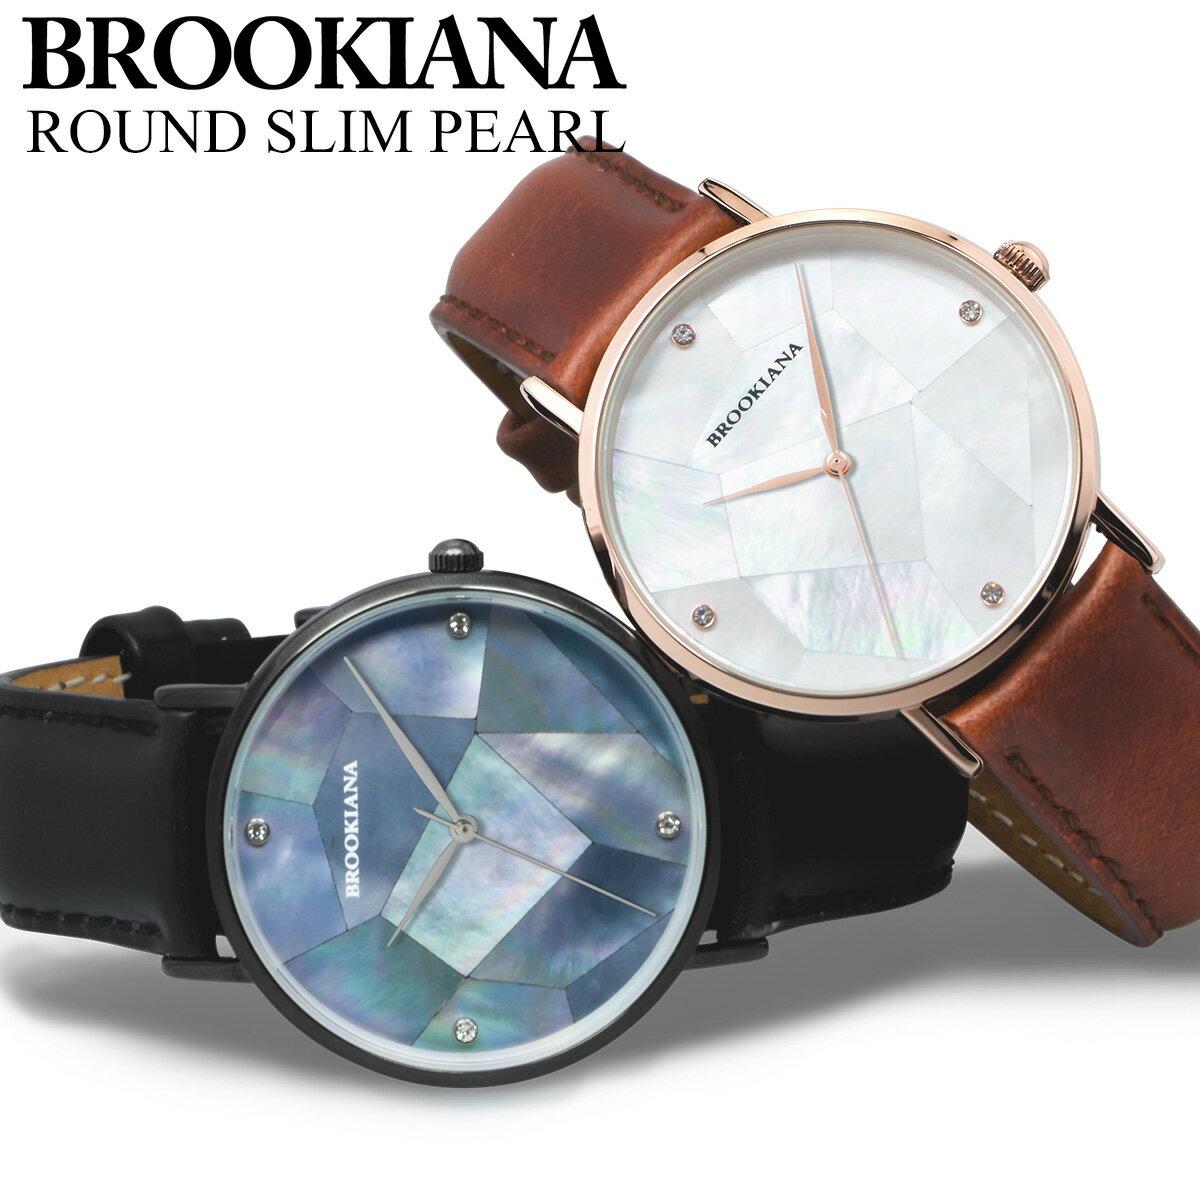 ブルッキアーナ BROOKIANA パール 真珠 BA3101 レディース 時計 ピンク 腕時計 クオーツ